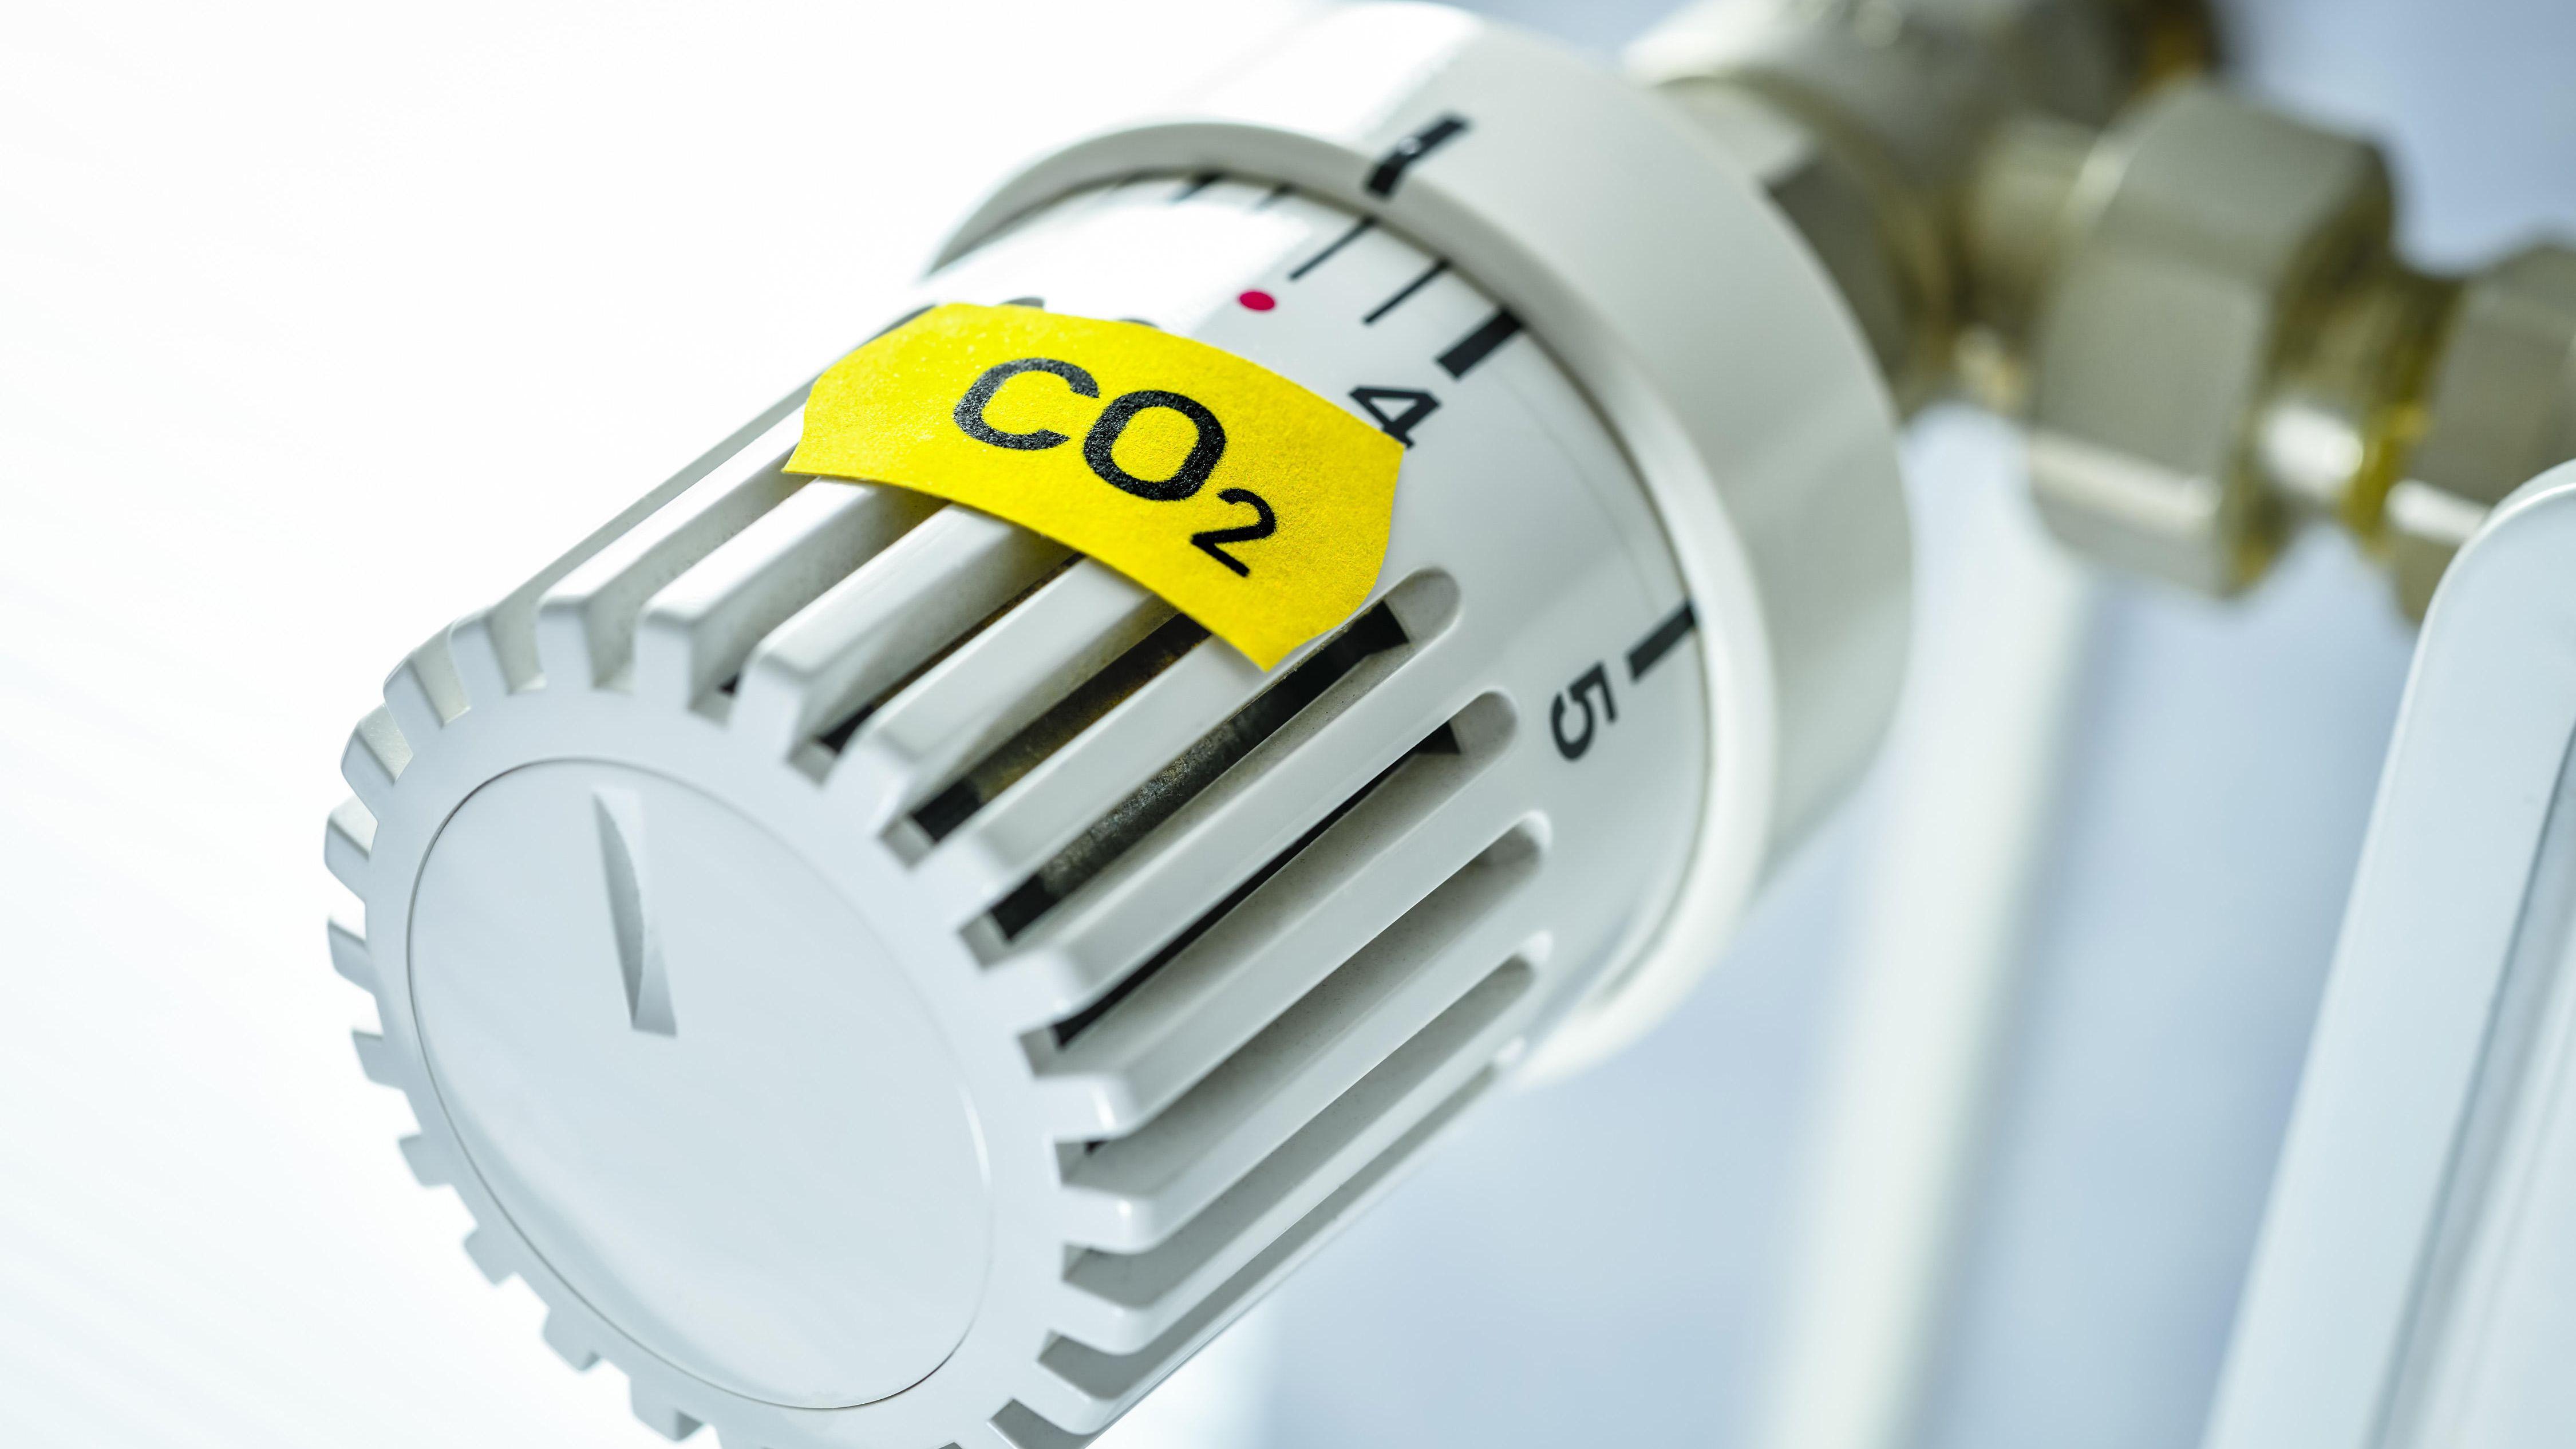 """Ein Heizungsthermostat mit einem Aufkleber, der die Aufschrift """"CO2"""" trägt."""